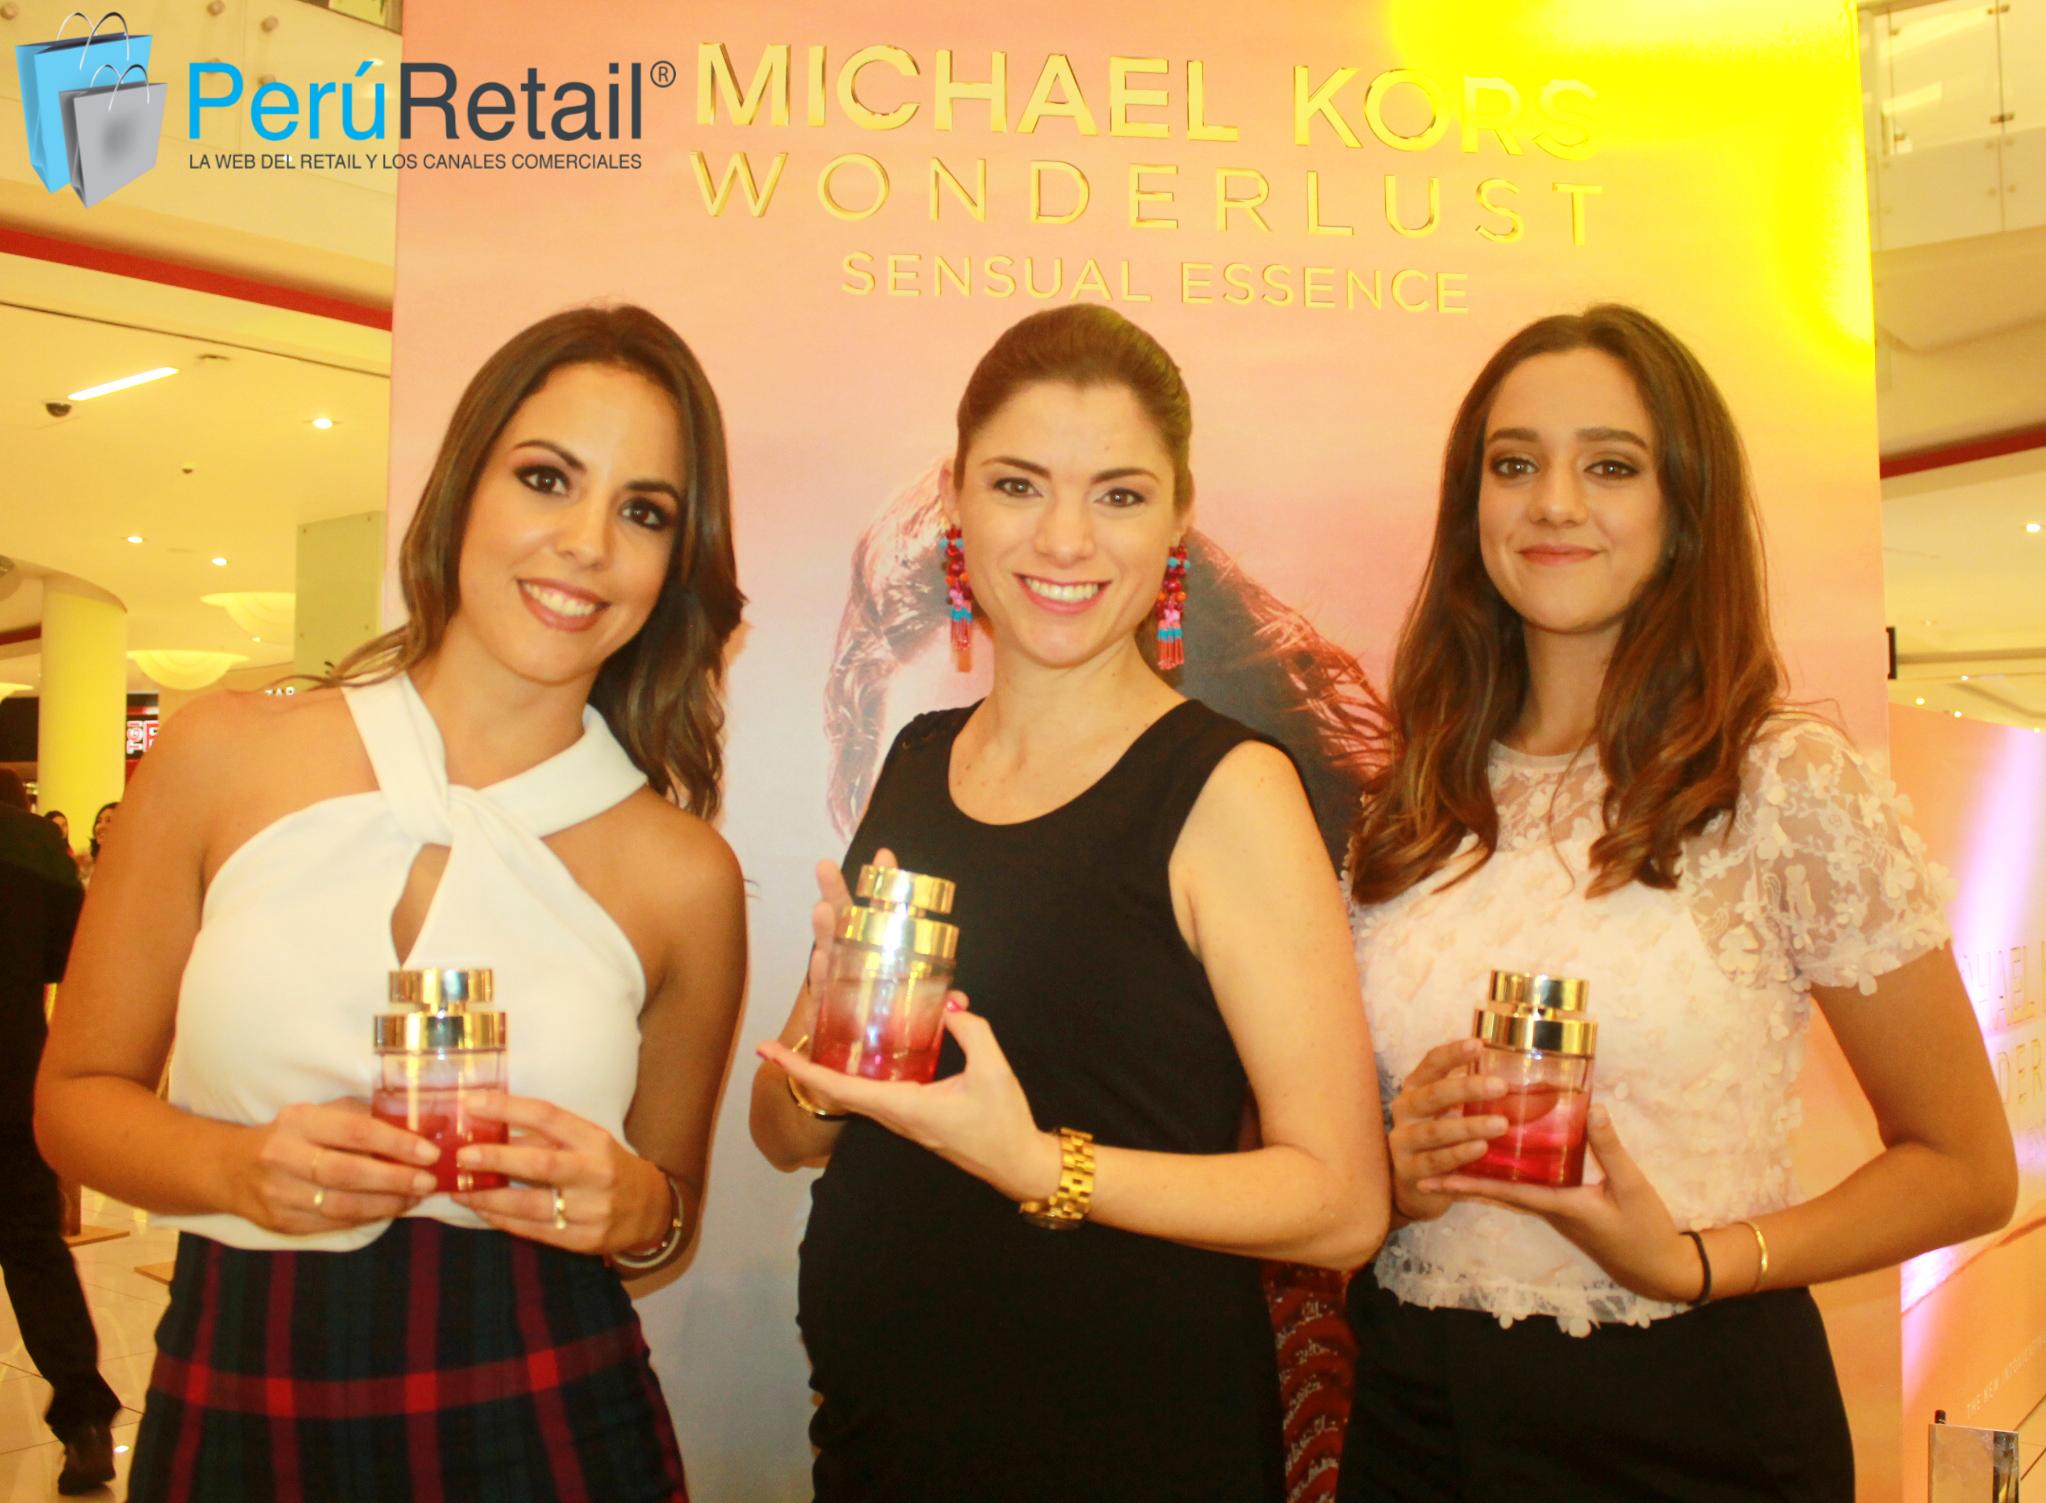 """6617 Peru Retail - Michael Kors Perú: """"El 90% de nuestras ventas se da a través del sector retail"""""""